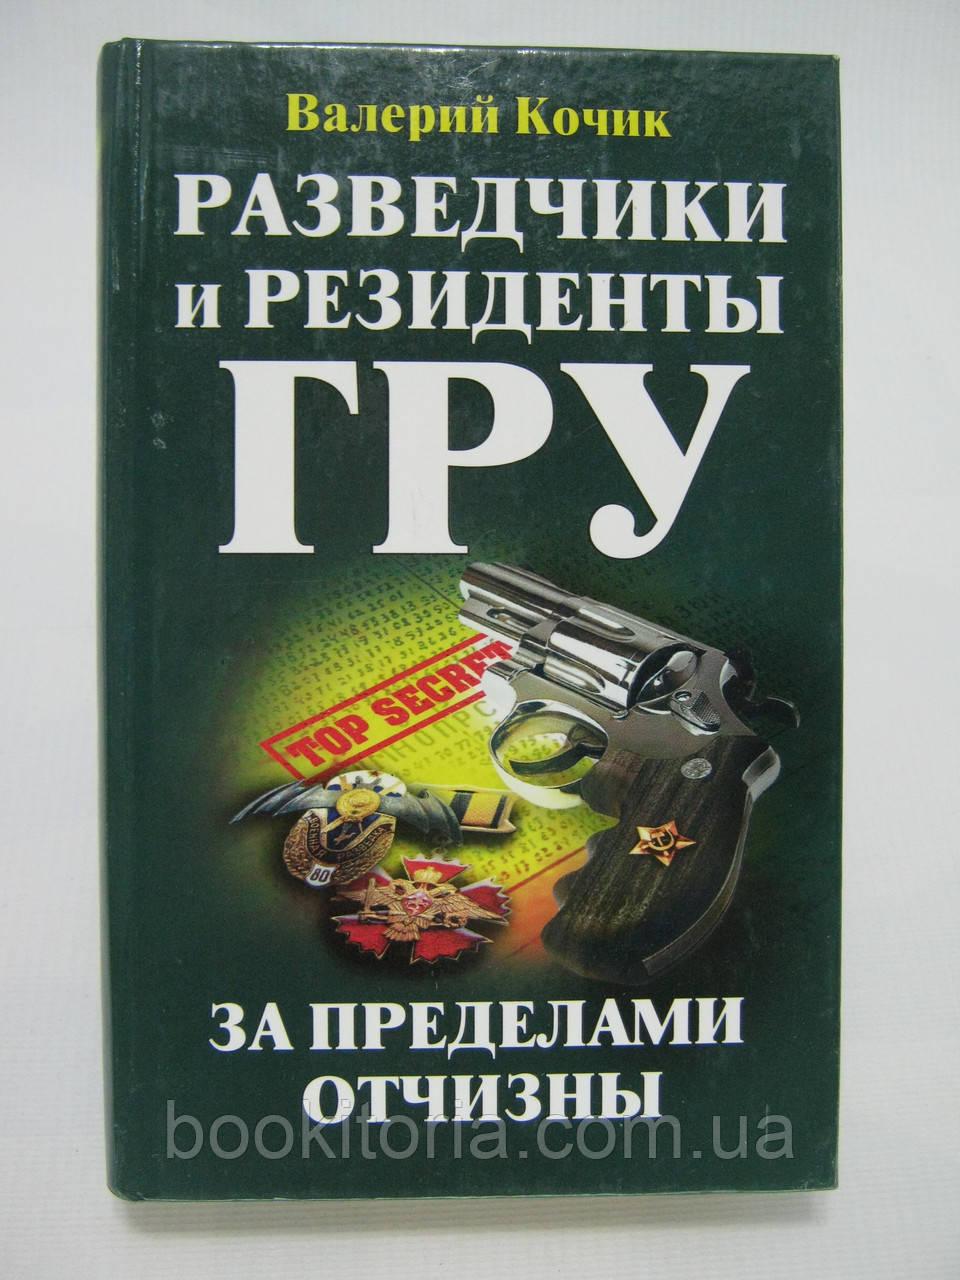 Кочик В. Разведчики и резиденты ГРУ (б/у).